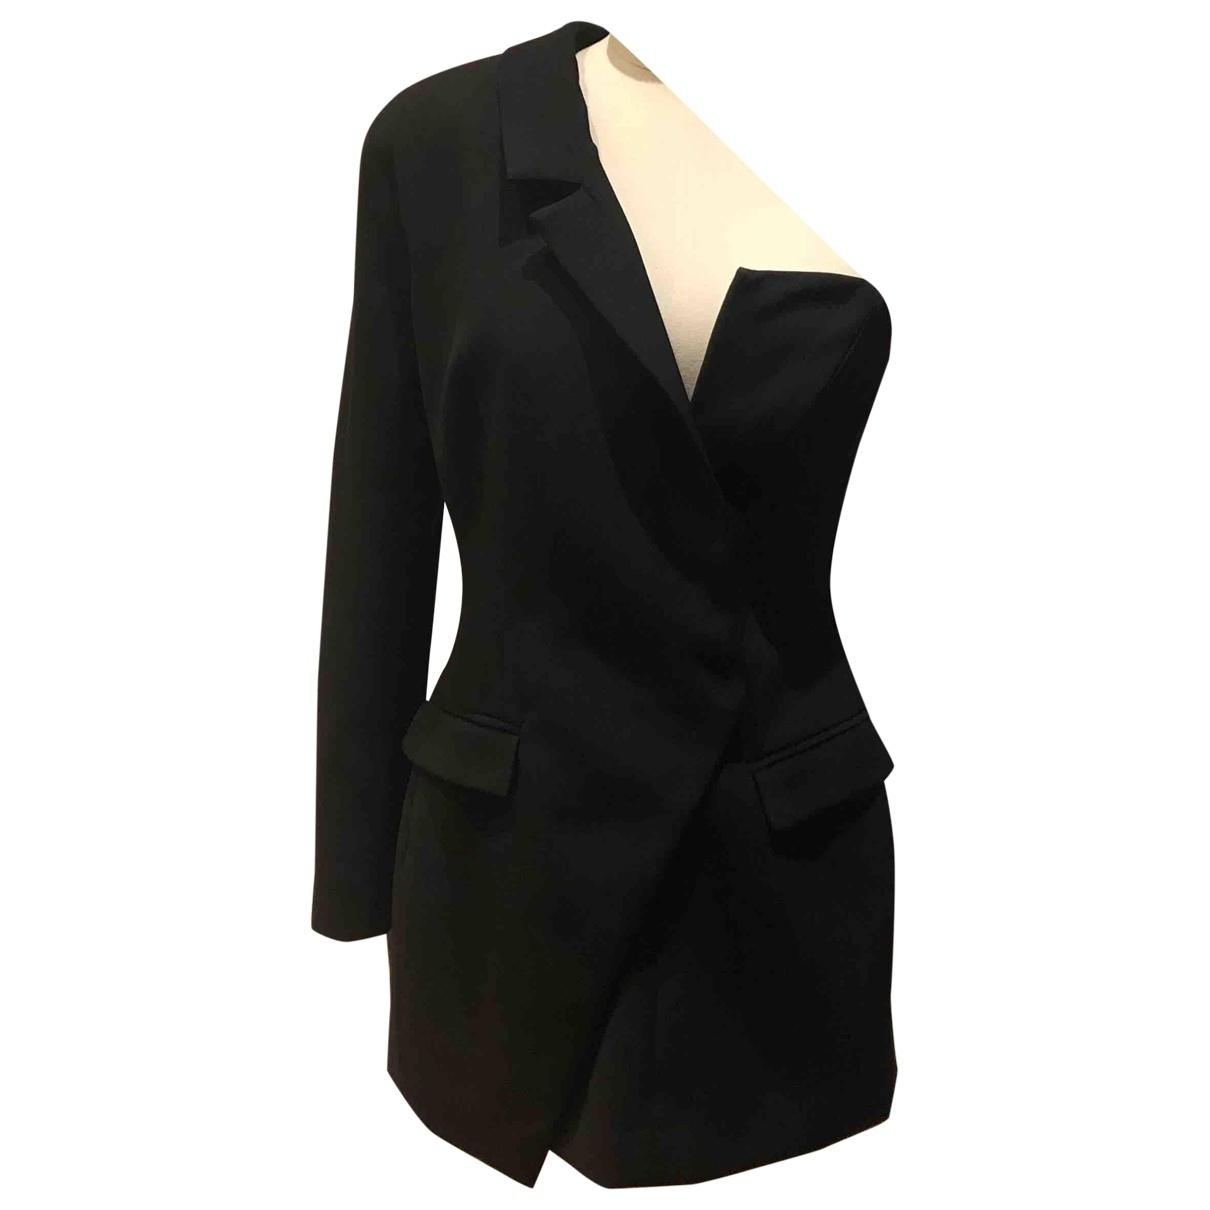 House Of Cb \N Black dress for Women M International